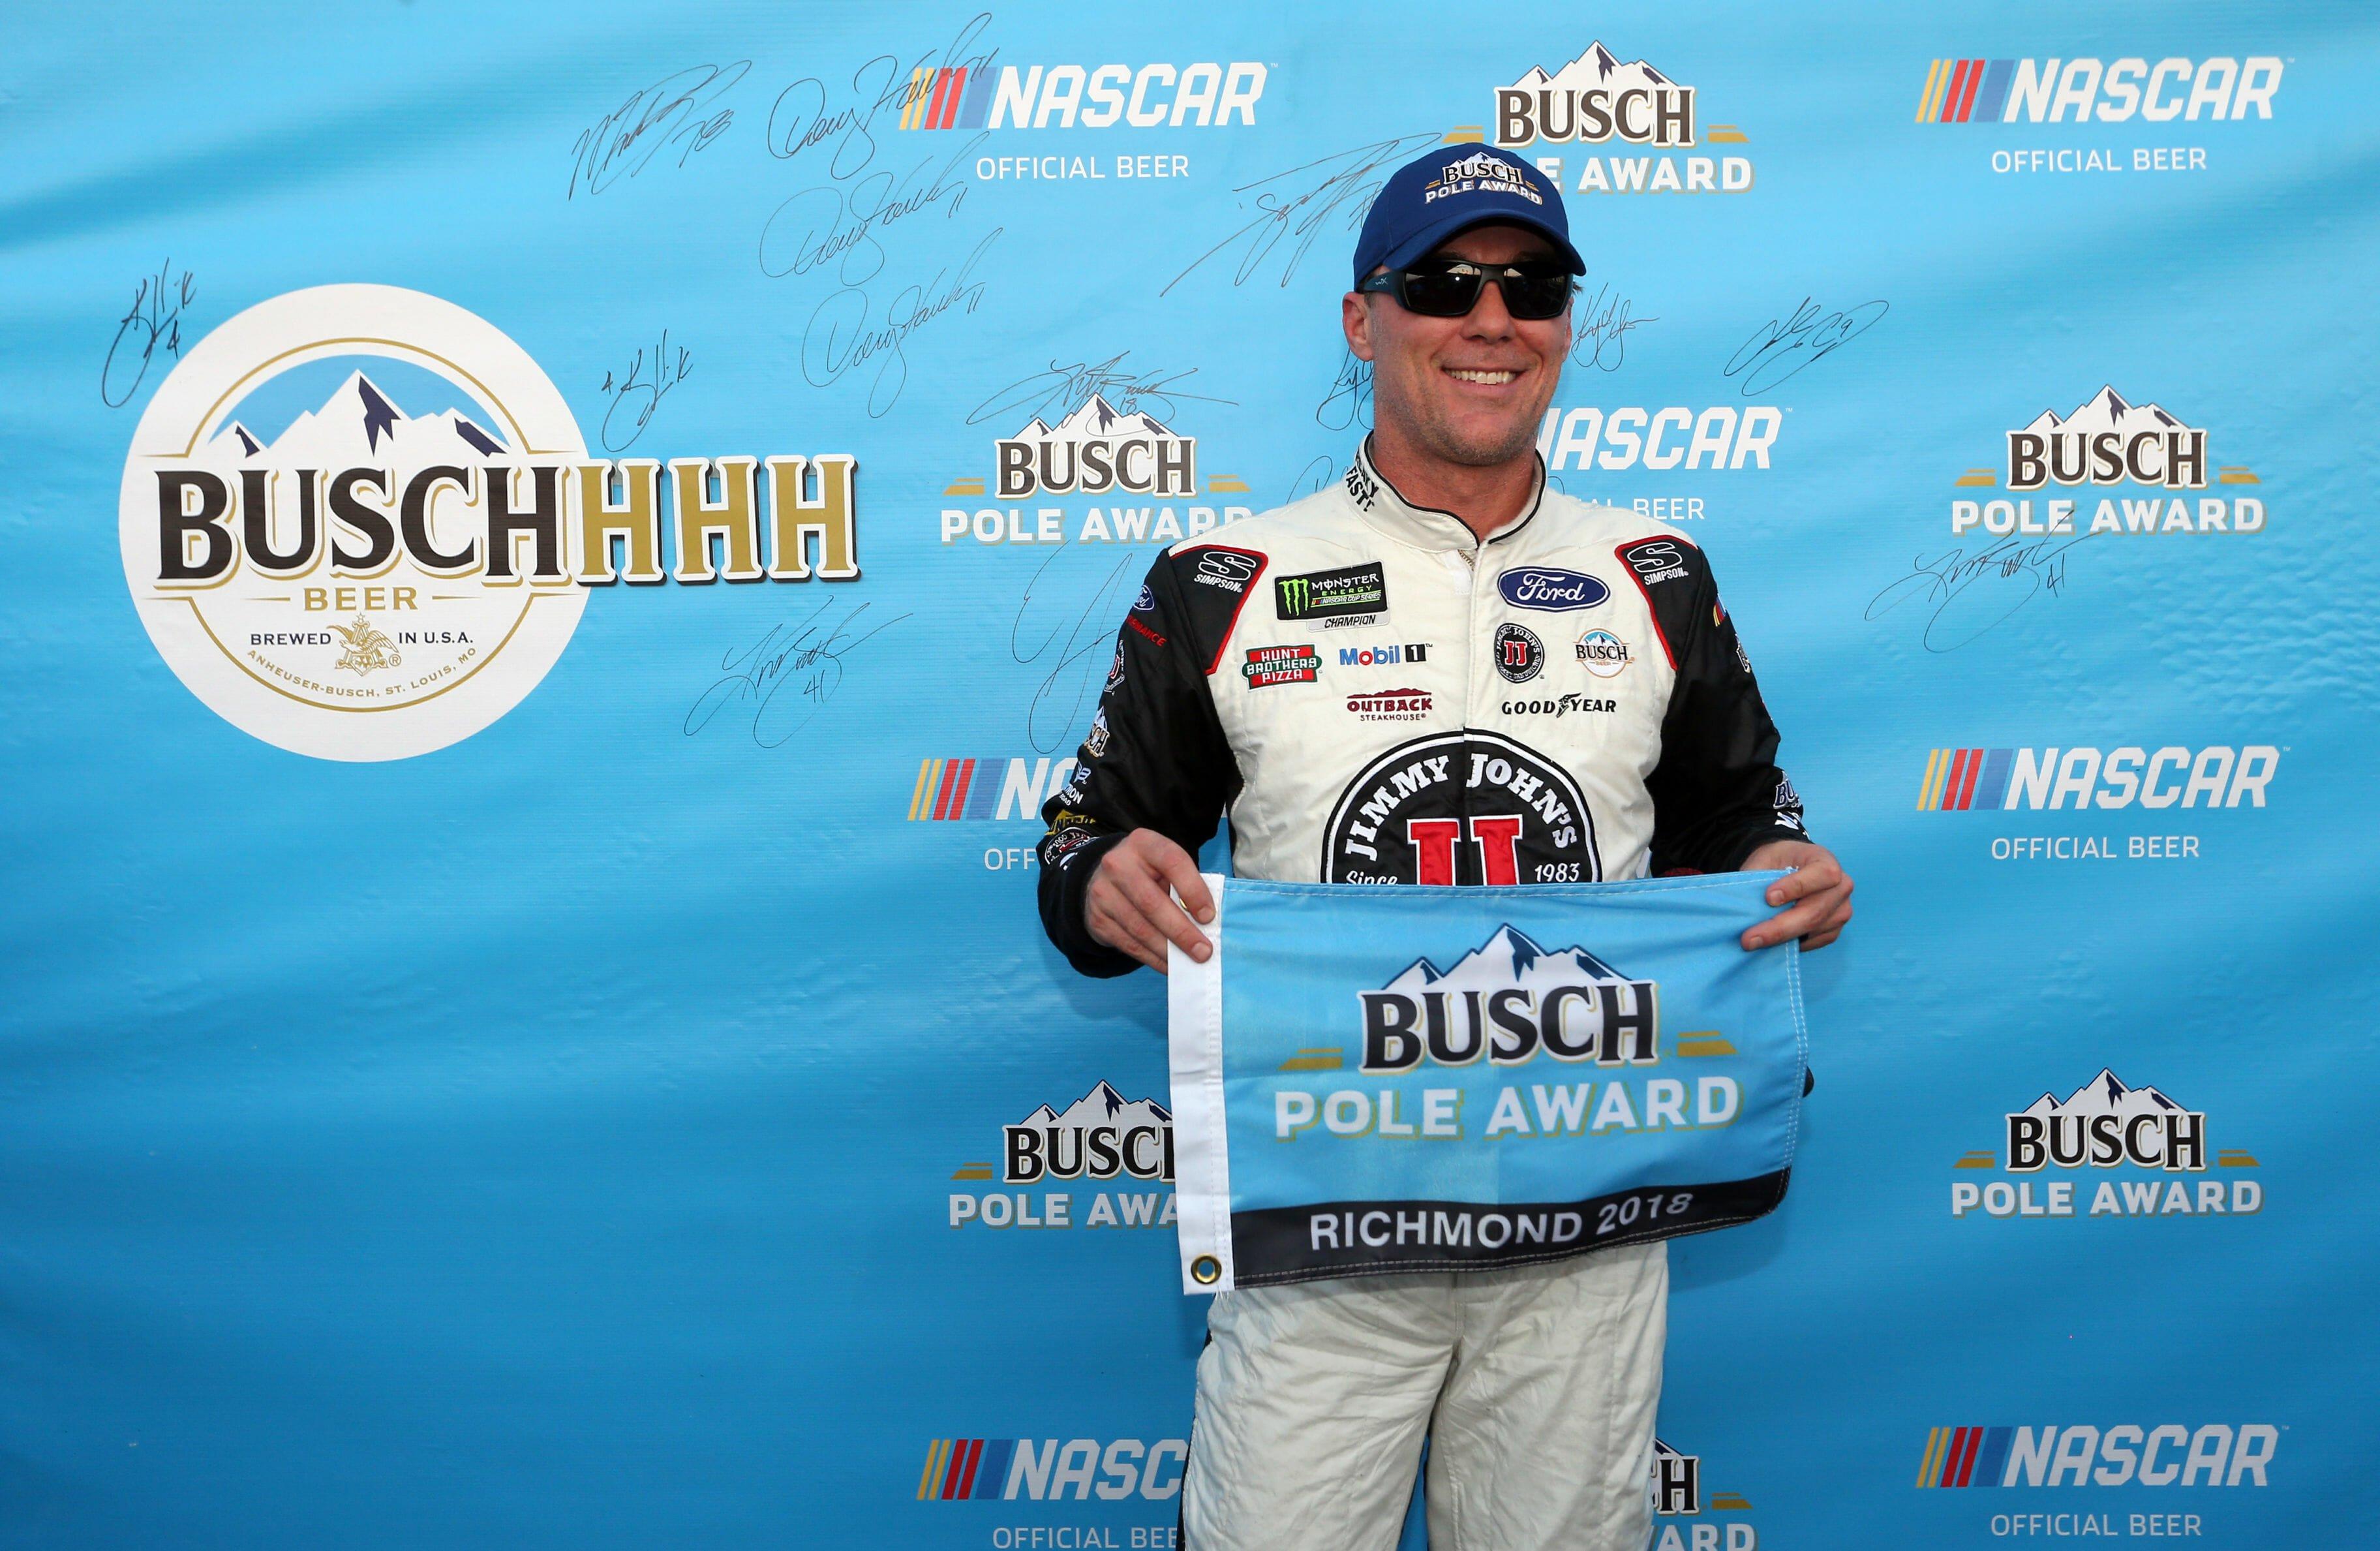 Kevin Harvick - Busch Pole Award at Richmond Raceway